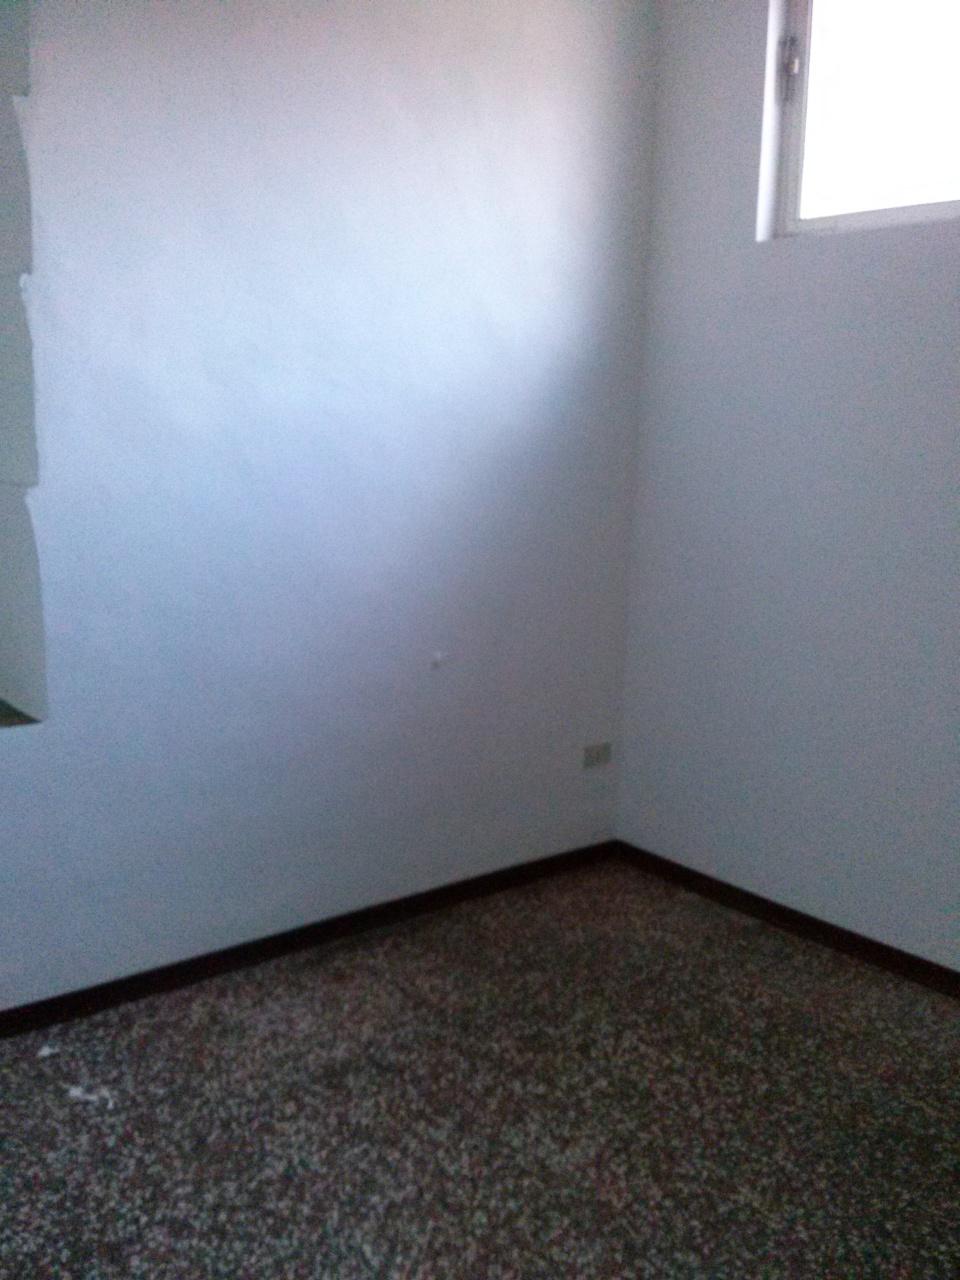 Ufficio / Studio in affitto a Ascoli Piceno, 9999 locali, prezzo € 500 | CambioCasa.it